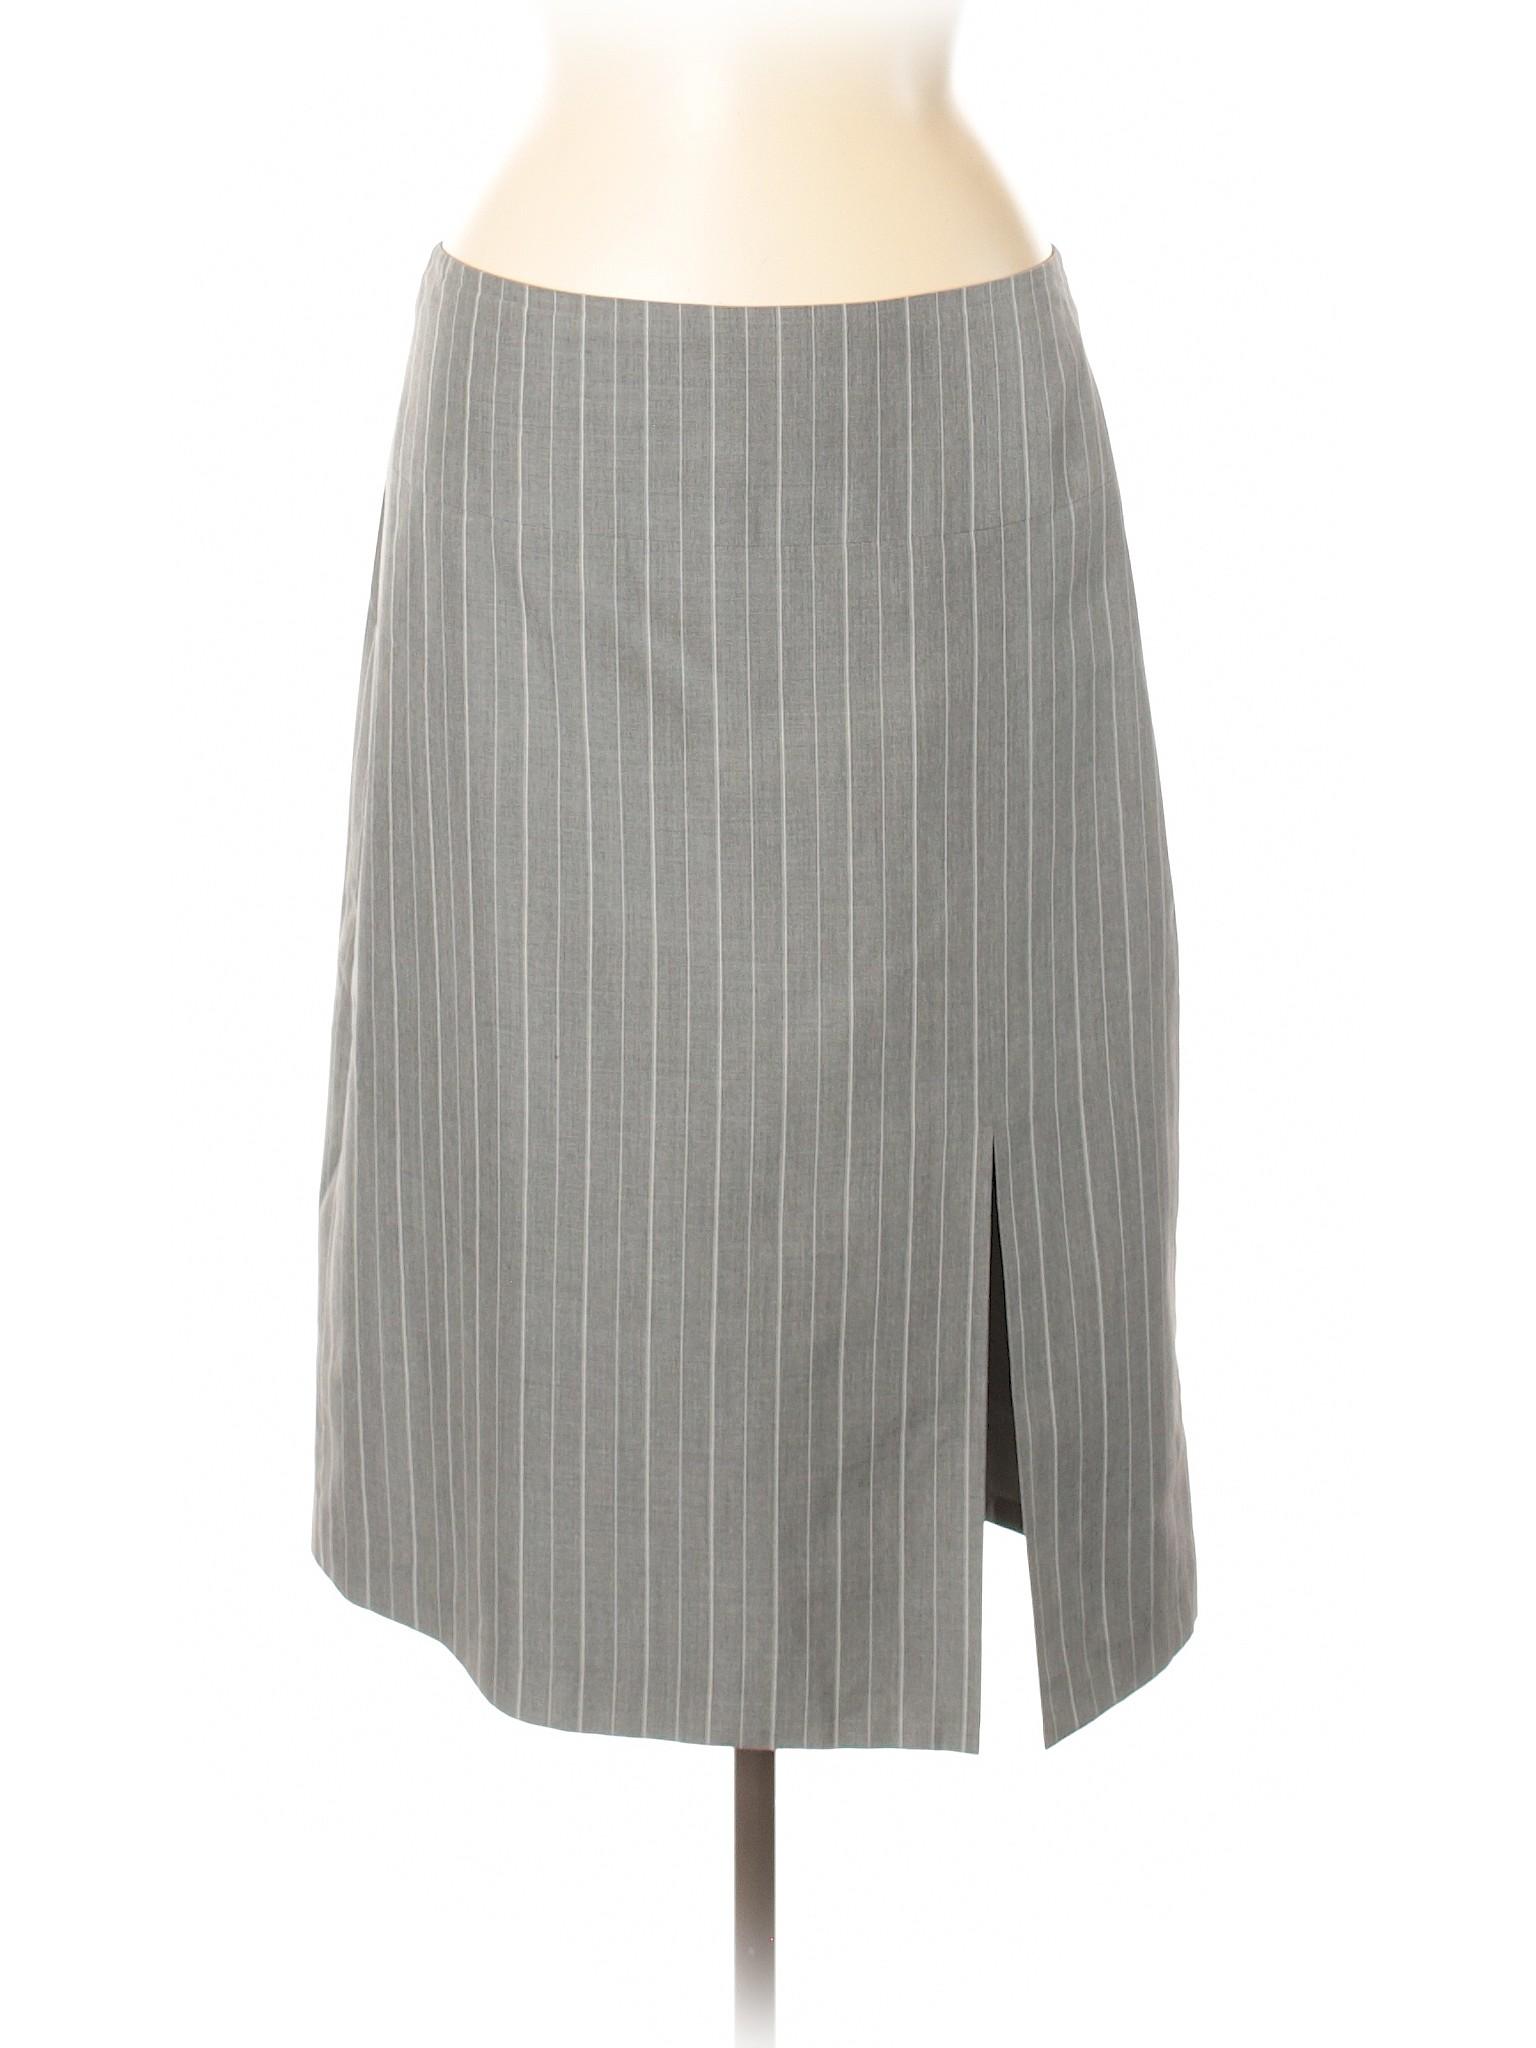 Boutique Silk Boutique Skirt Boutique Silk Boutique Boutique Skirt Silk Skirt Boutique Silk Skirt Skirt Silk 7OZ7qFR